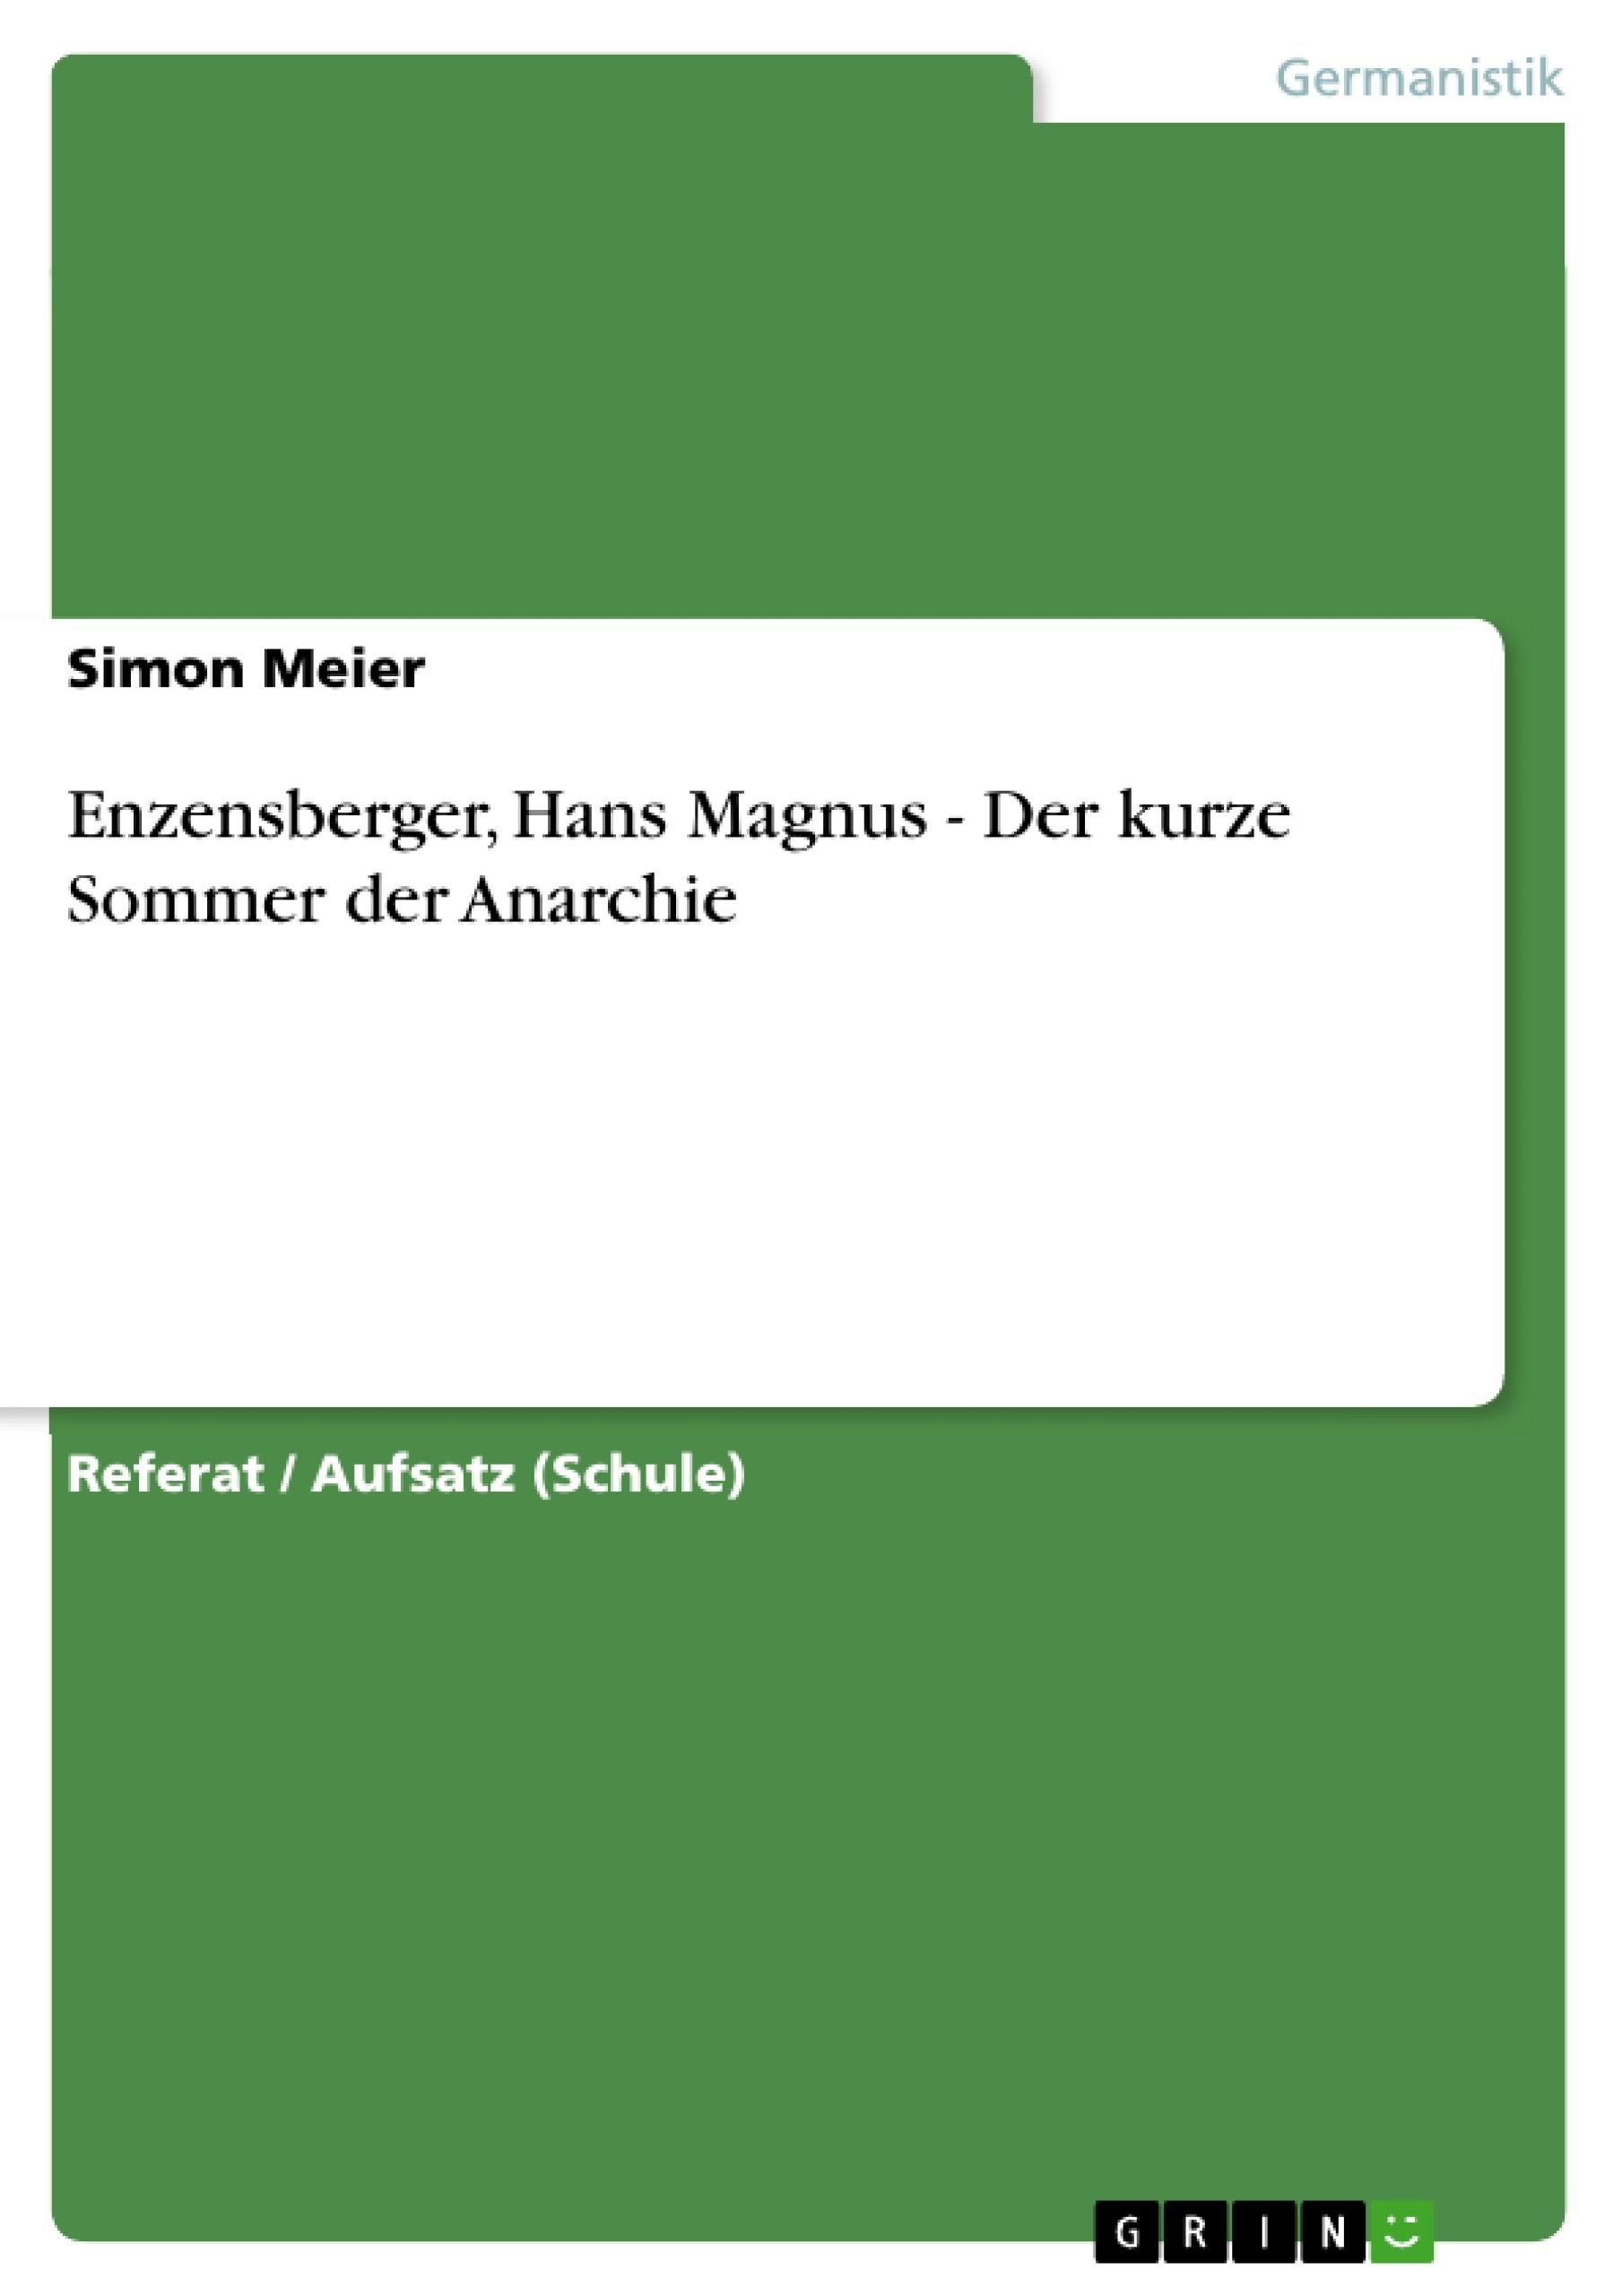 Titel: Enzensberger, Hans Magnus - Der kurze Sommer der Anarchie